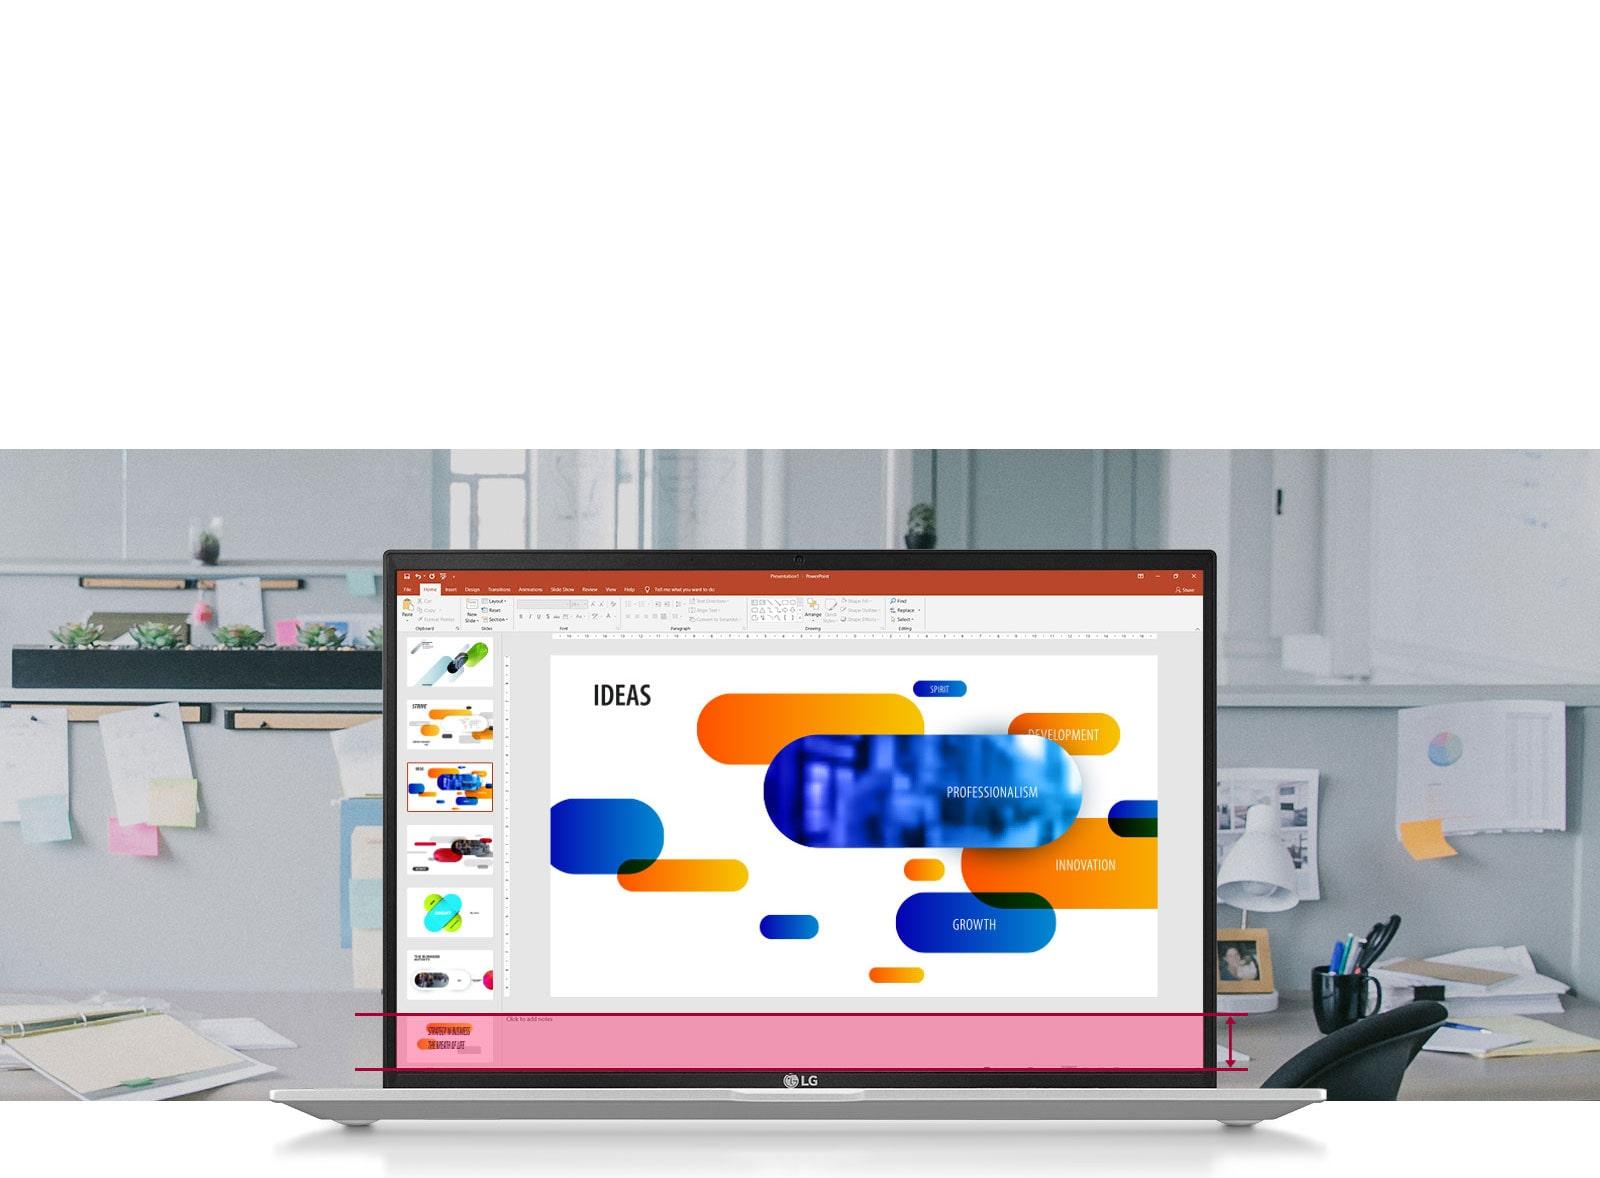 Duży ekran o proporcjach 16:10 pozwala wyświetlić więcej danych w prezentacji PowerPoint